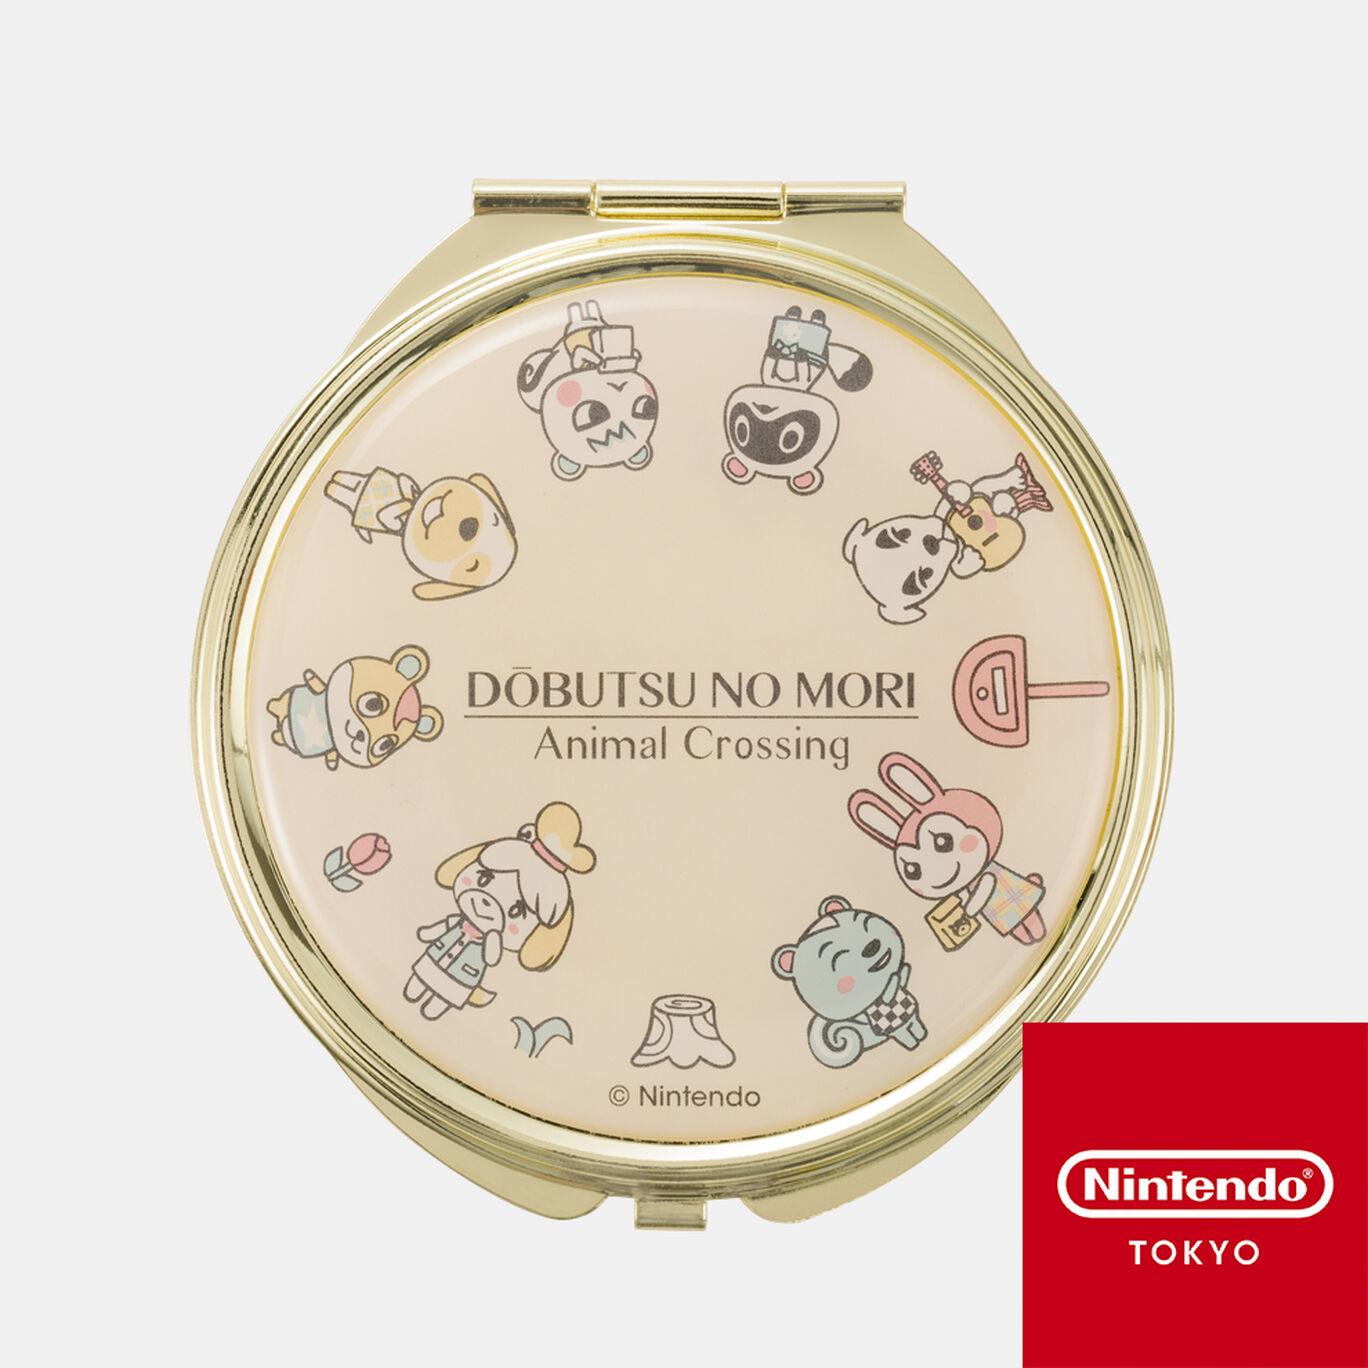 コンパクトミラー どうぶつの森 B【Nintendo TOKYO取り扱い商品】